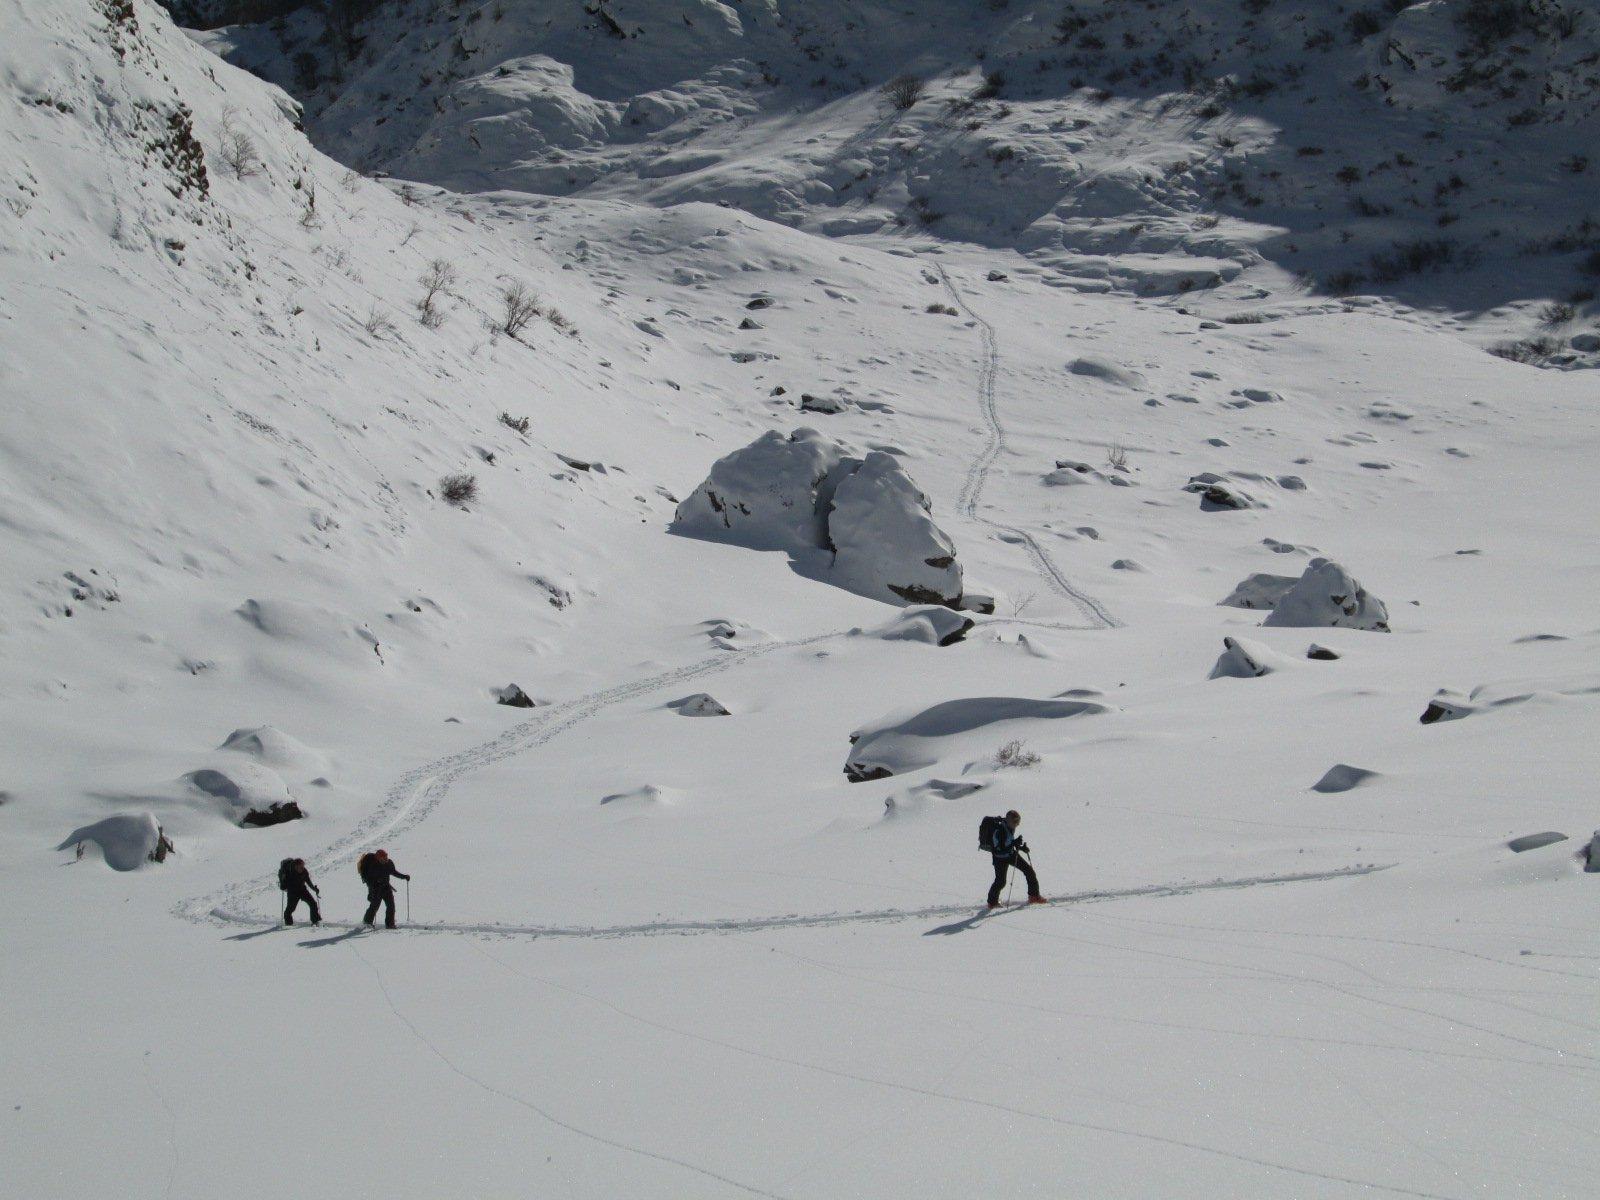 salita nella parte bassa con poca neve e tante pietre